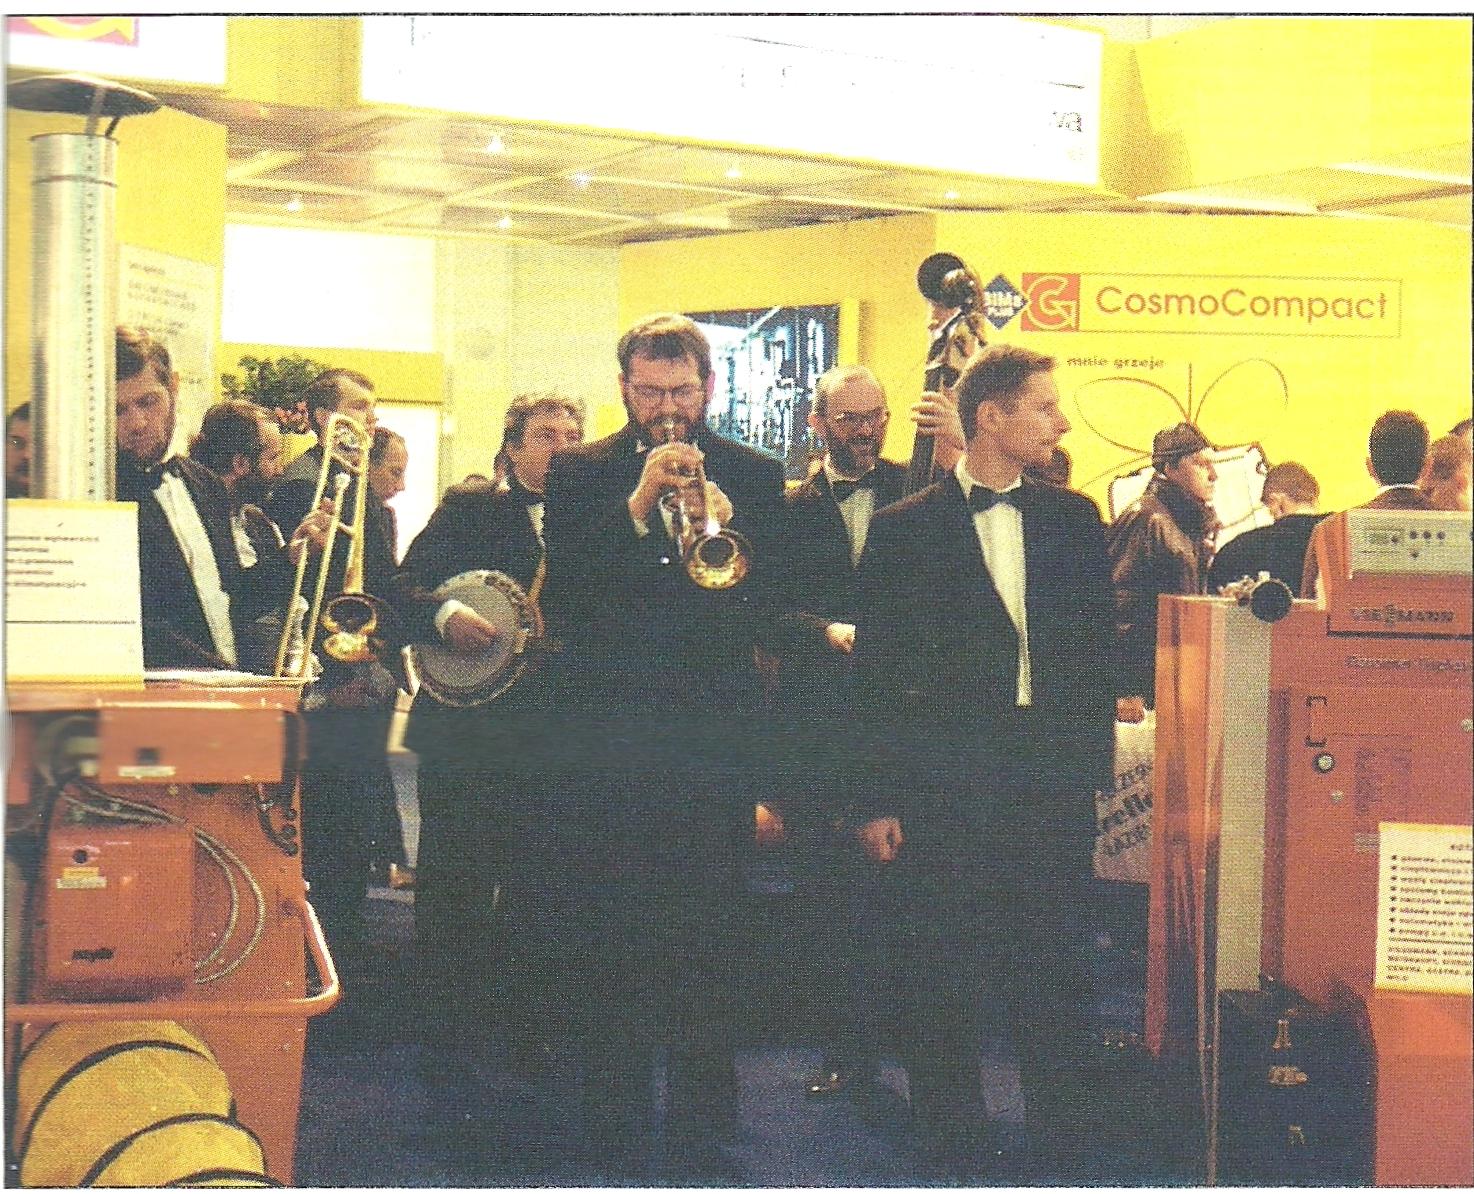 Jazzmani wśród pieców i wyposażenia kotłowni - to sposób na przyciągnięcie uwagi zwiedzających targi.